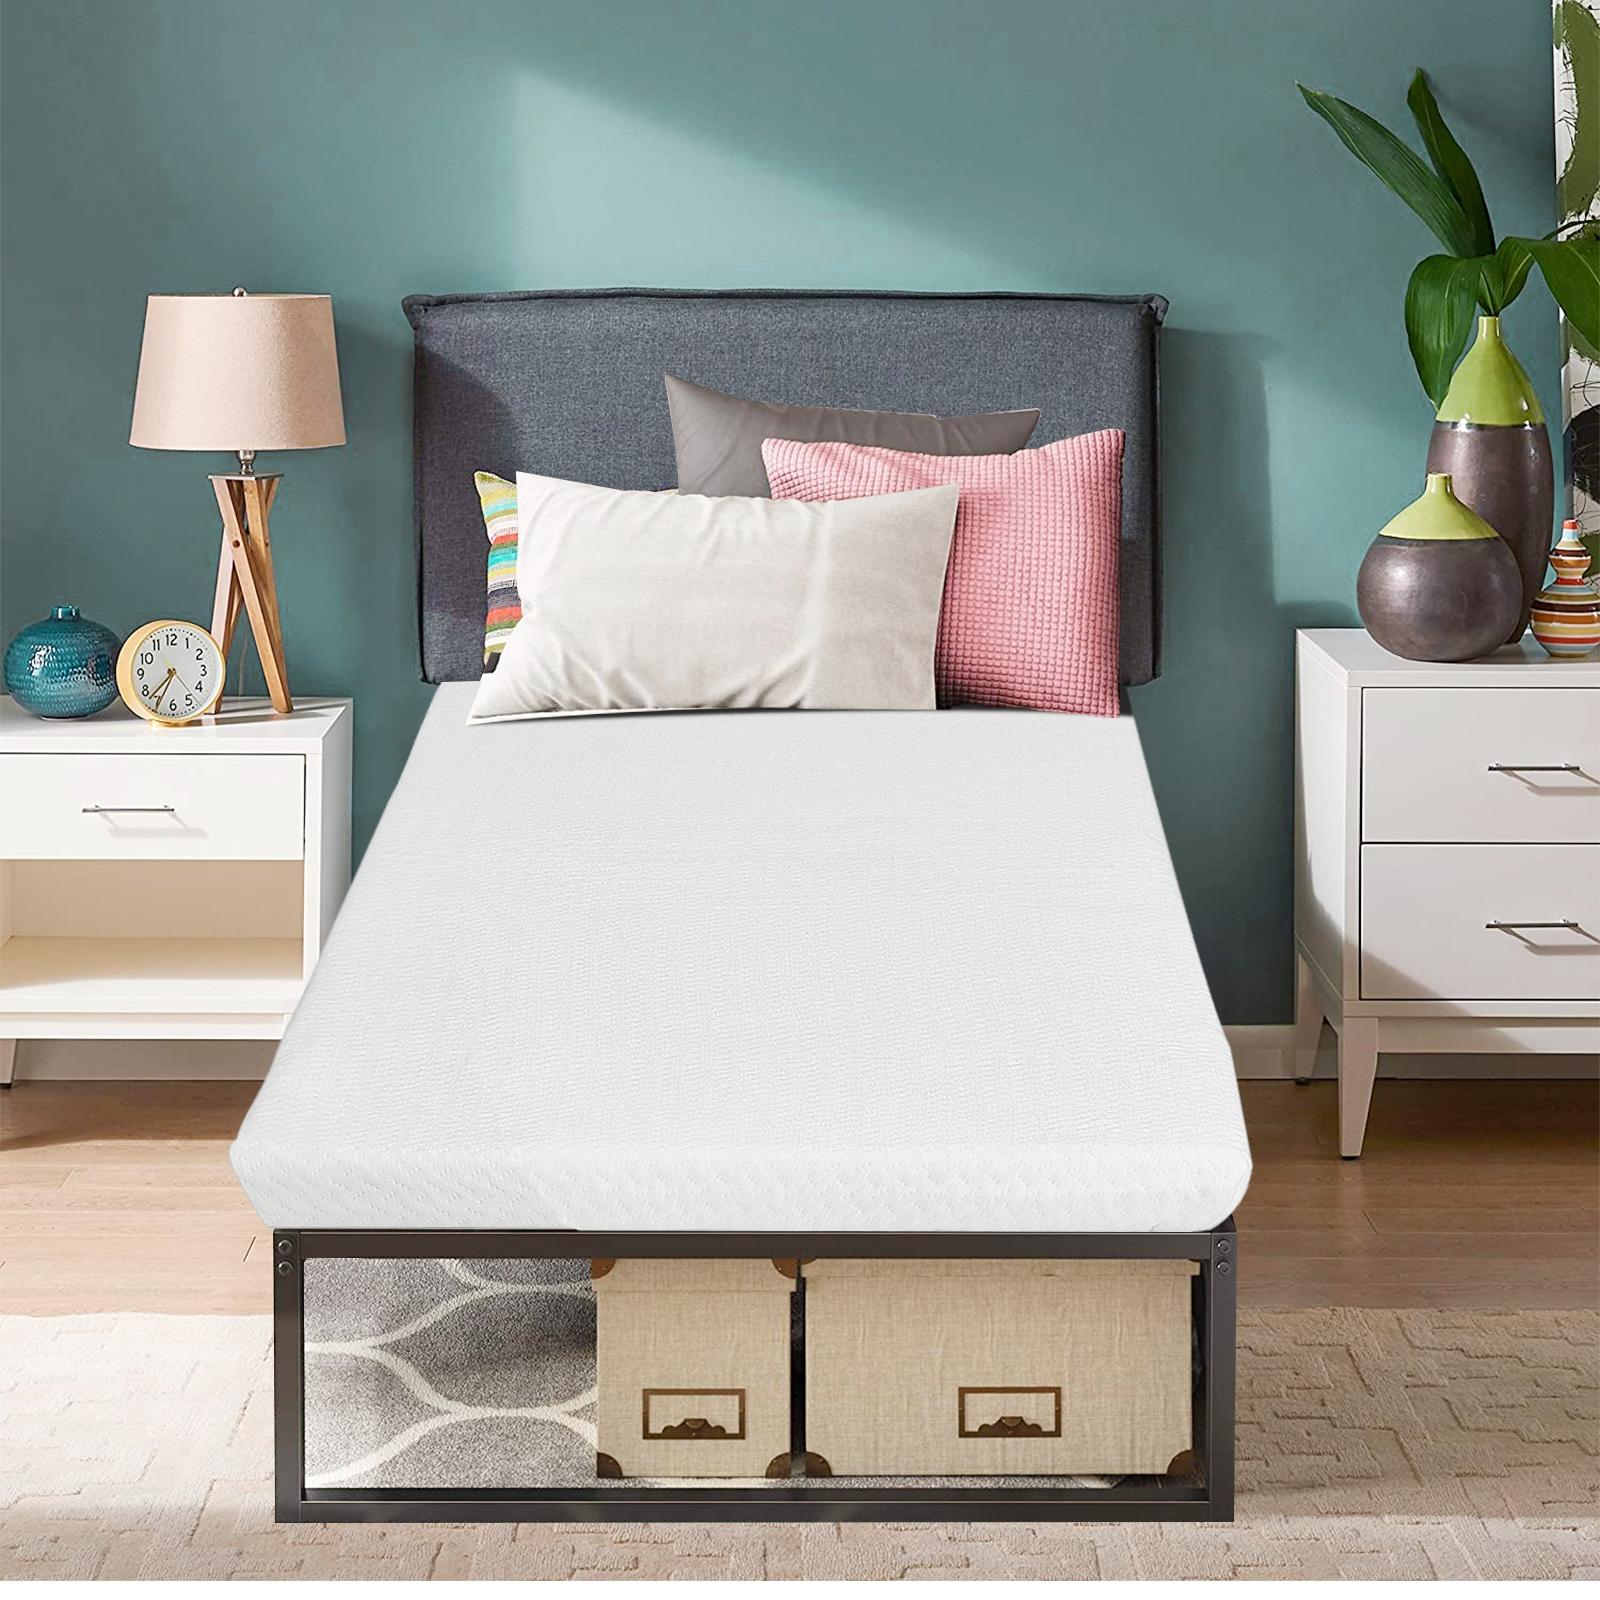 Costway Topper materasso singolo per dormire comodi Cuscinetto per materasso con fodera rimovibile 90x200x5cm